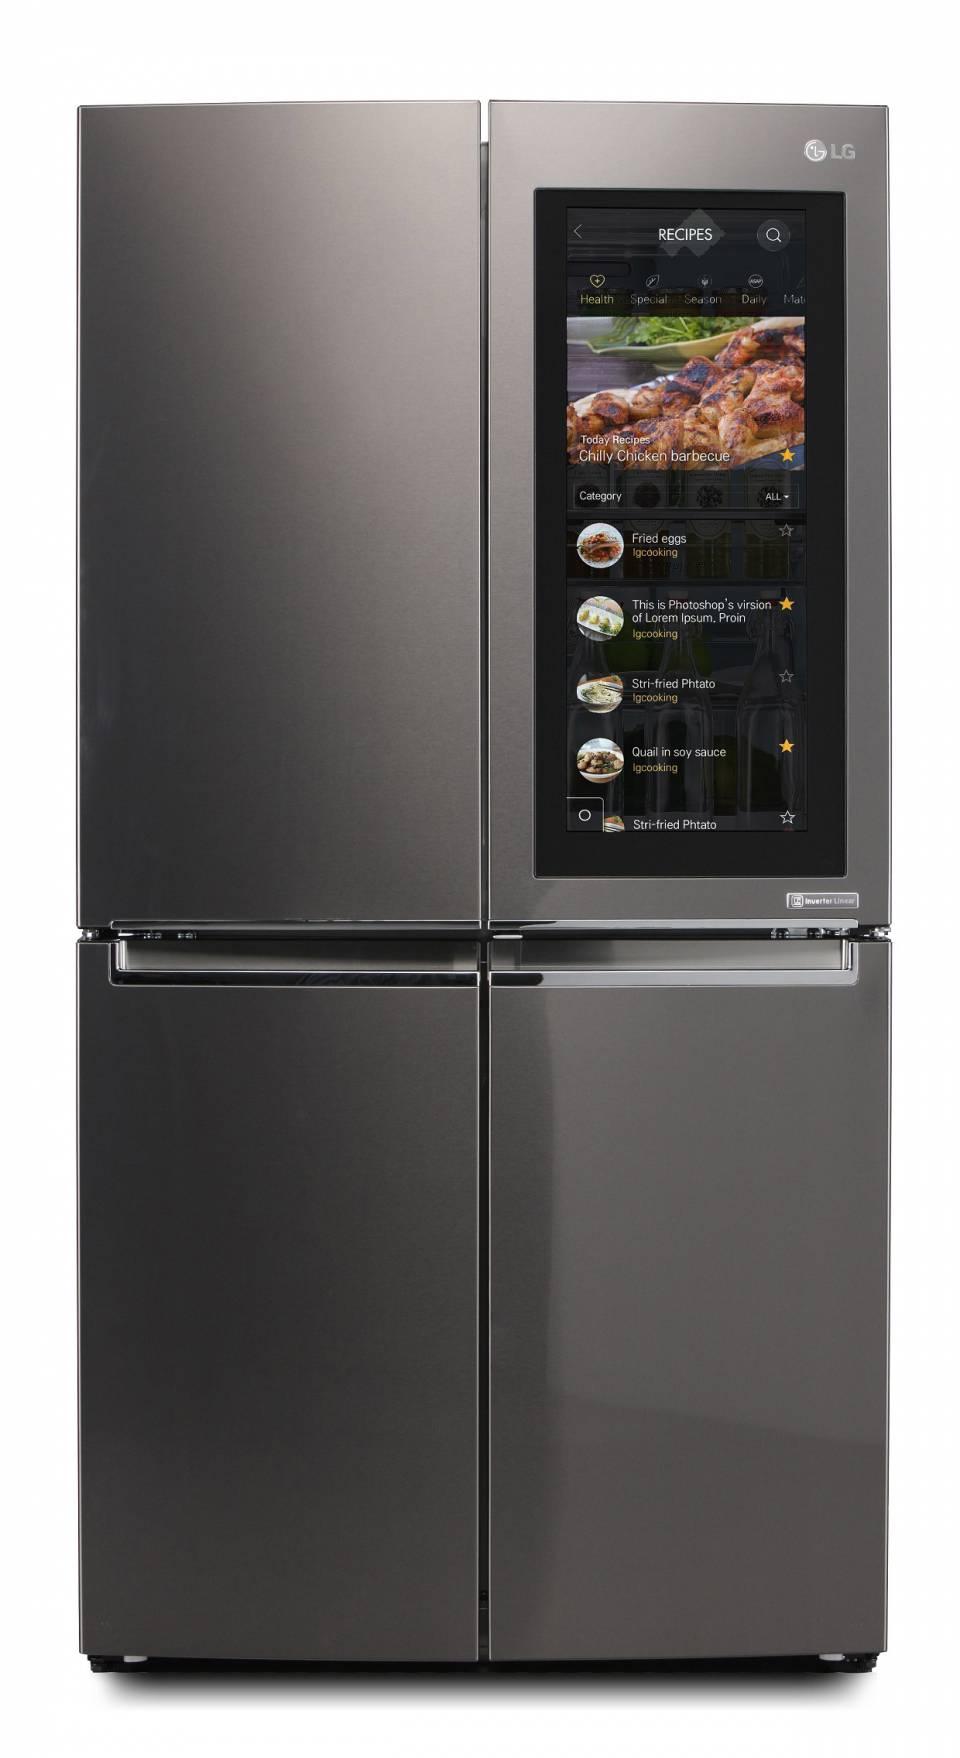 Der InstaView Door-in-Door Kühlschrank von LG lässt nach zweimaligem Klopfen einen Blick in den Innenraum zu.